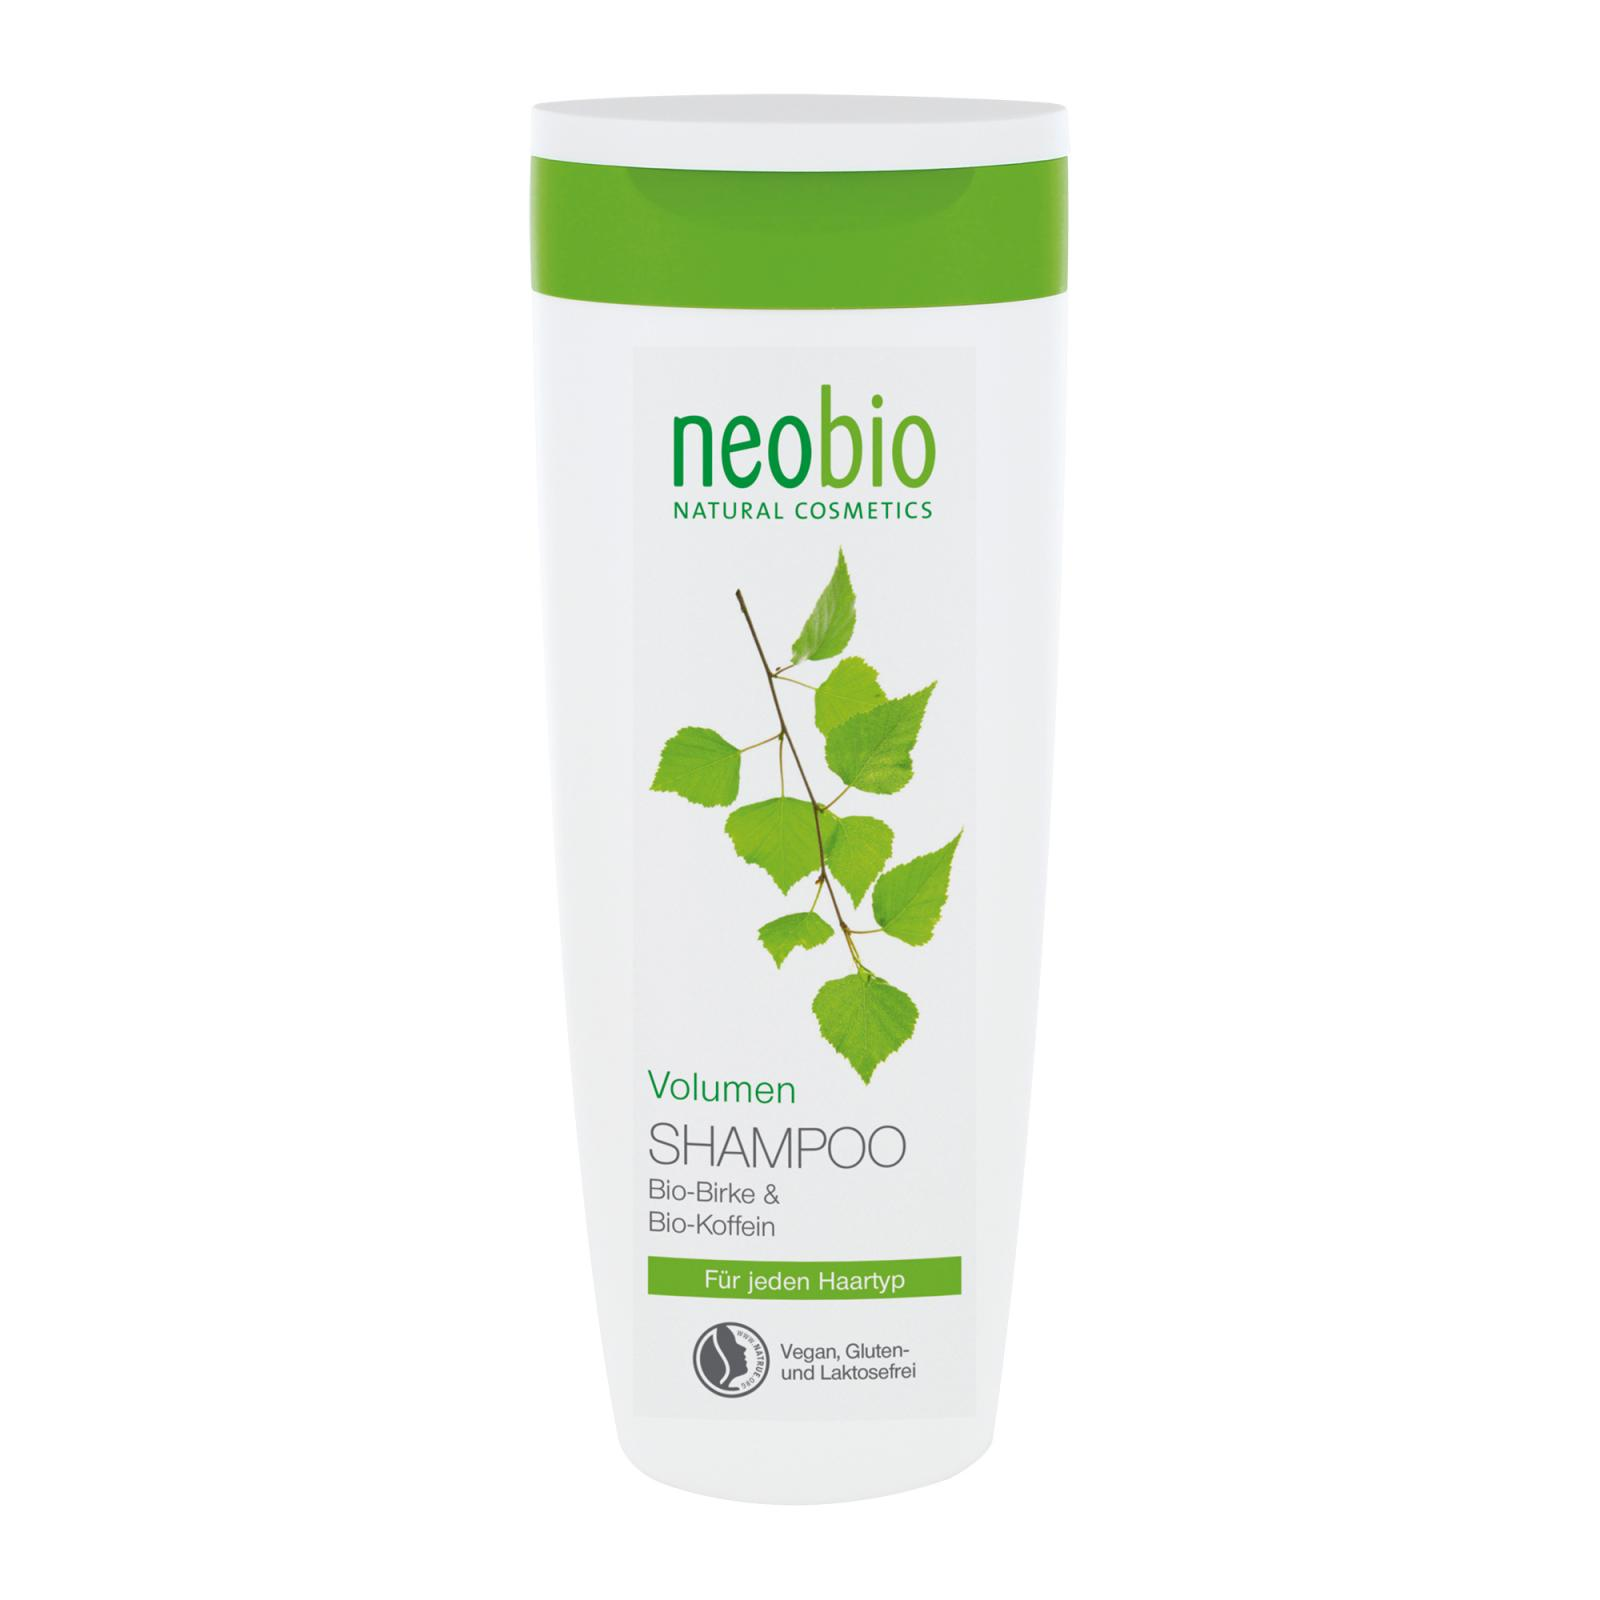 Neobio Šampon Volumen 250 ml